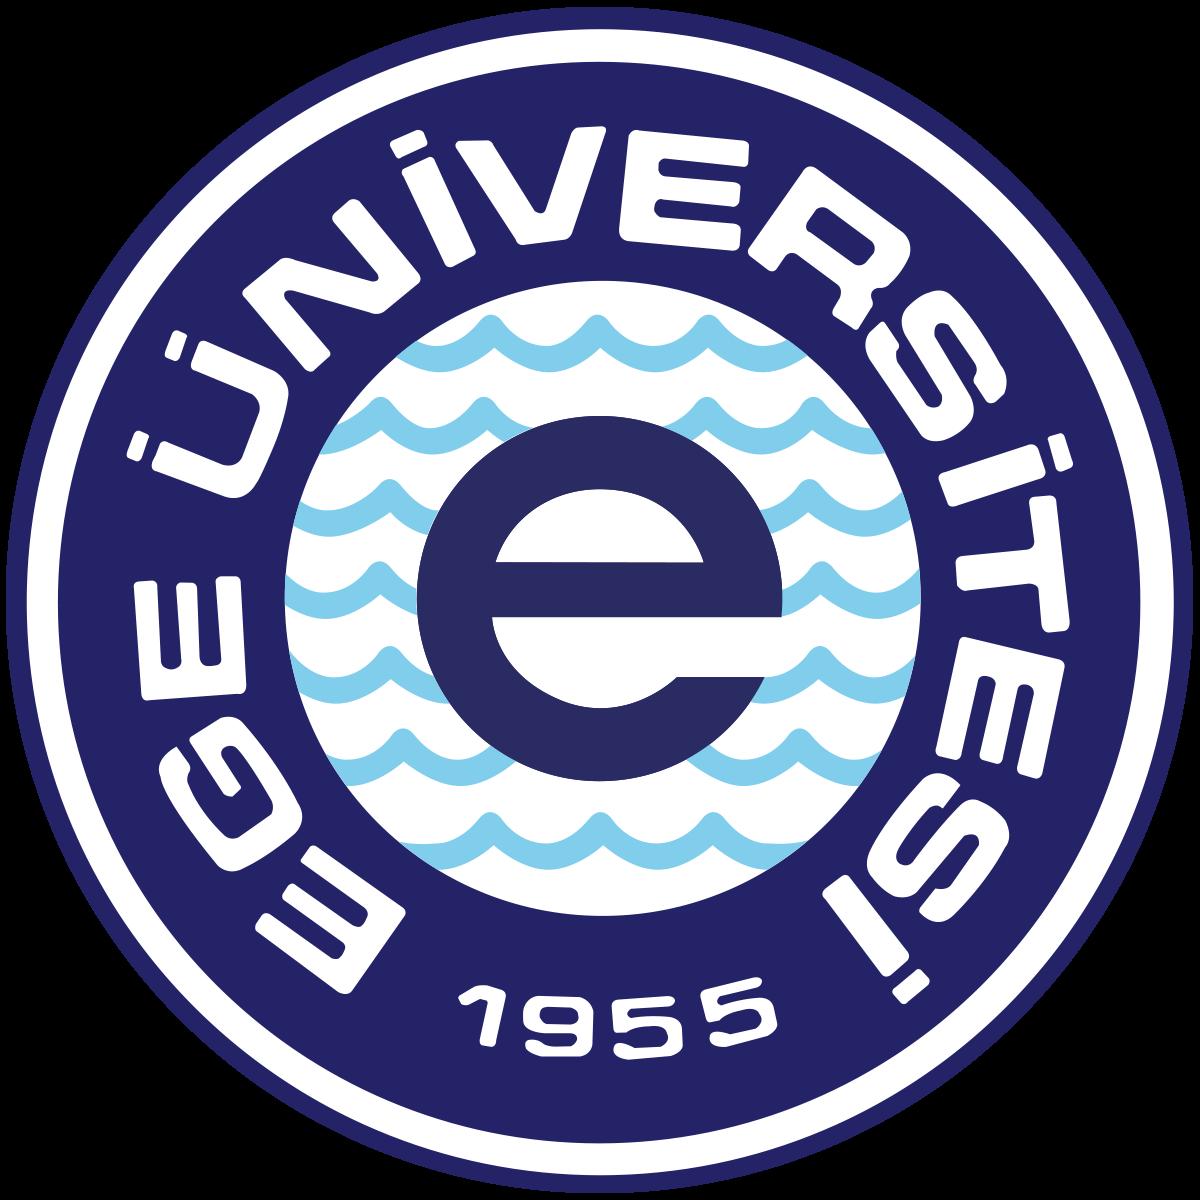 Ege Üniversitesi Merkezi Araştırma Test ve Analiz Laboratuvarı Uygulama ve Araştırma Merkezi